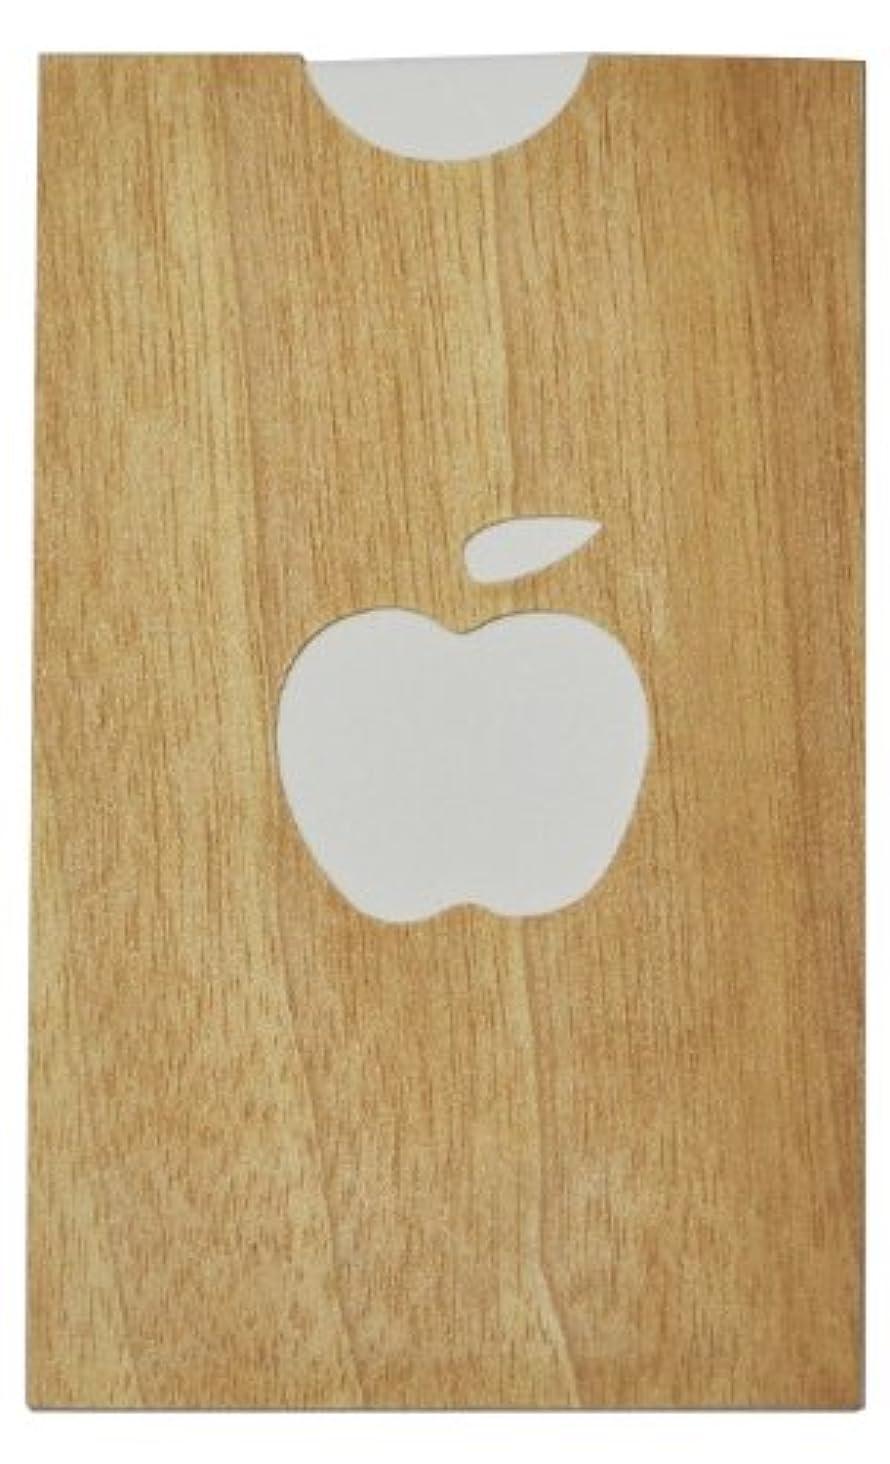 ワークショップ見分けるクラウドyuica(ユイカ) 香りのカード /りんご(ヒノキのシートケース+ムエット紙10枚)